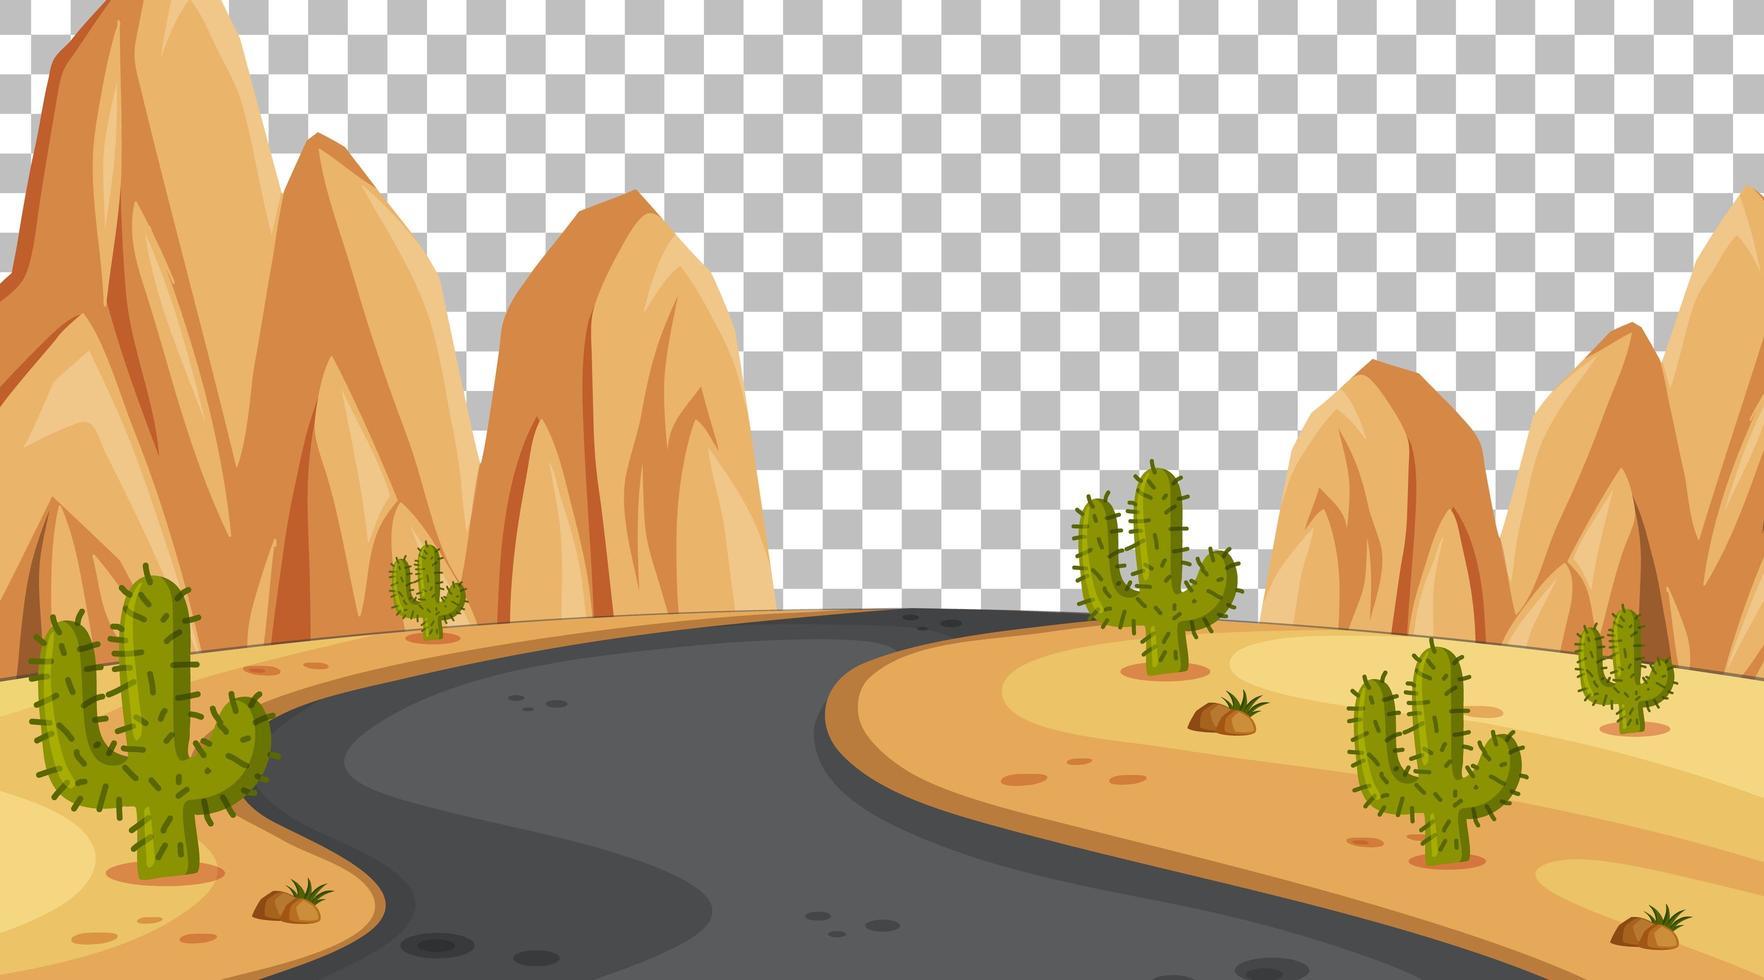 Scène de désert de nature vierge avec paysage de longue route sur fond transparent vecteur